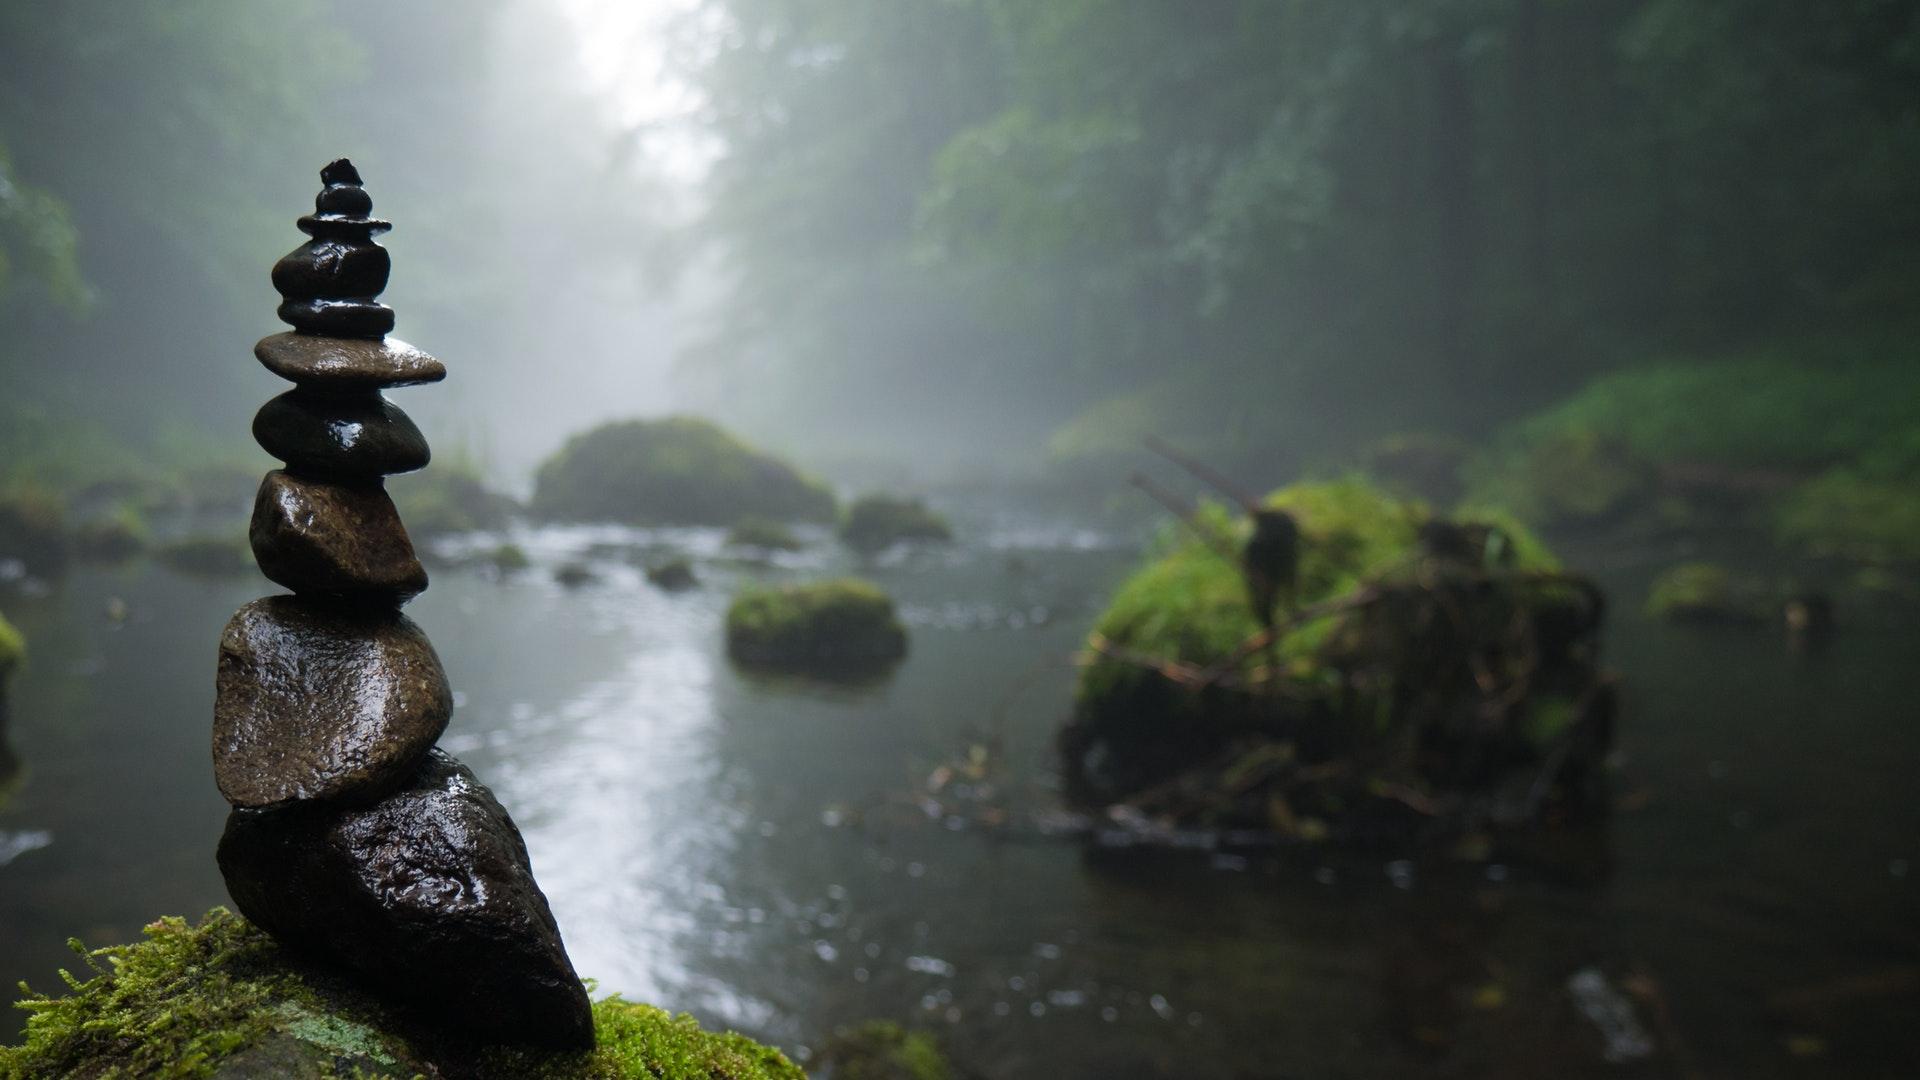 ¿Cómo profundizar tu relación espiritual con la naturaleza? - image